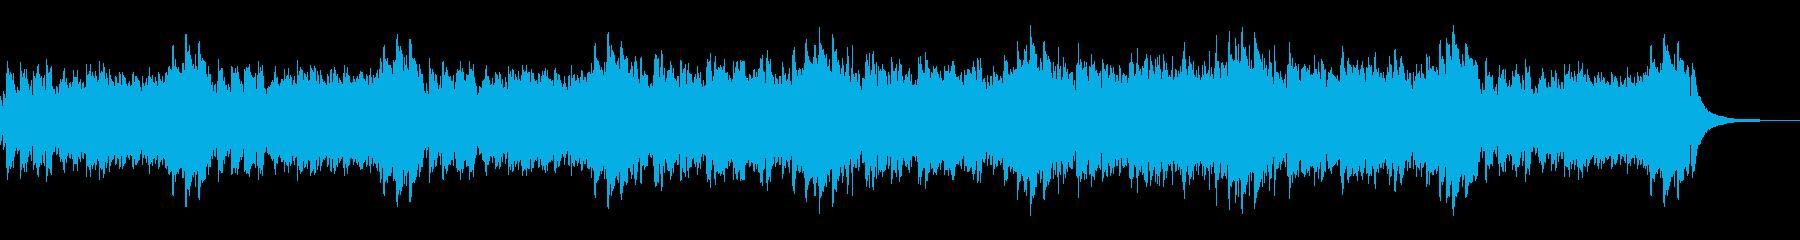 しっとりゆったり爽やかで淡々とした曲の再生済みの波形